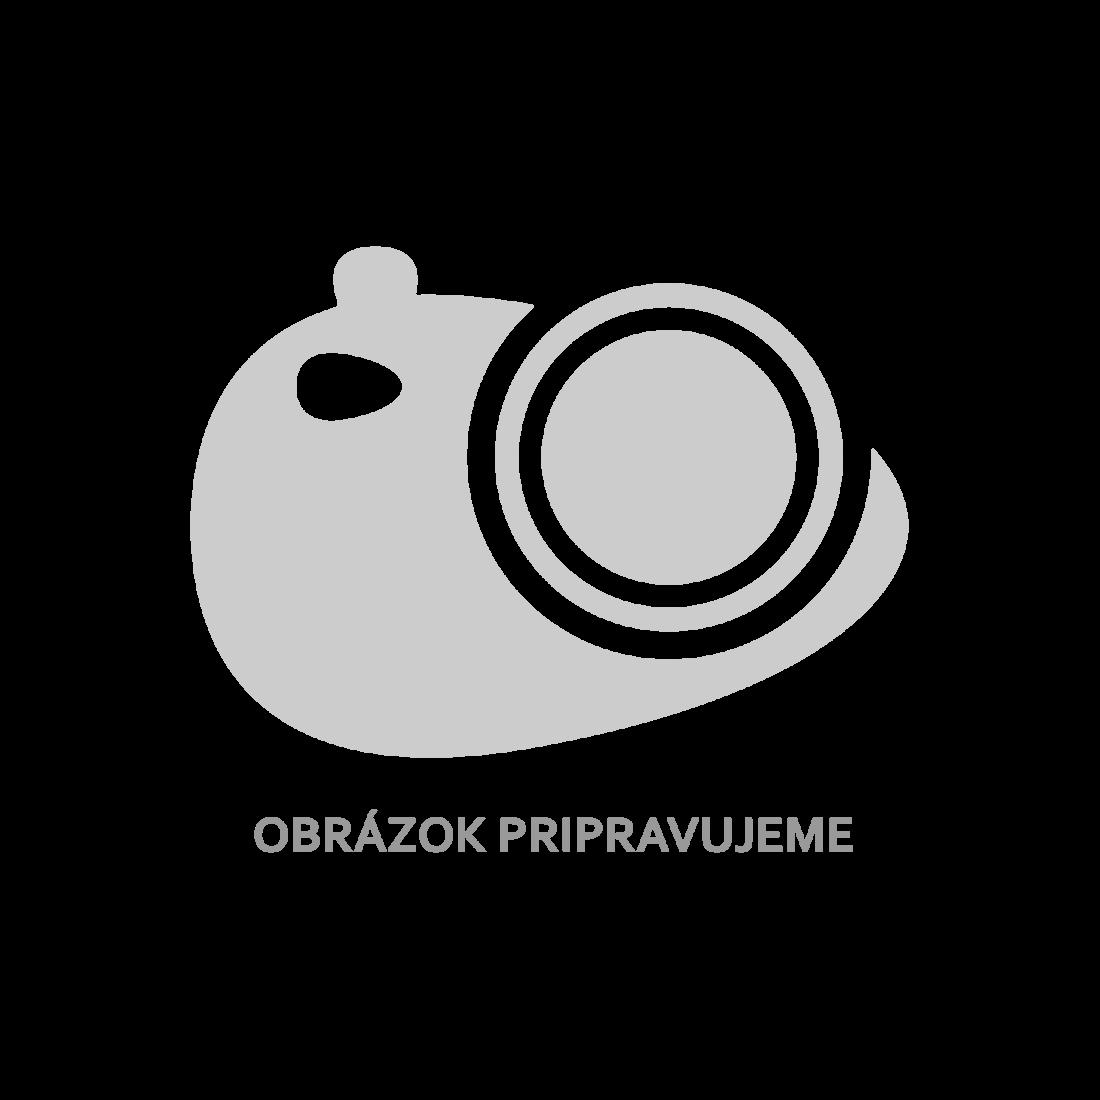 vidaXL Plachty na zahr. nábytek/stolní tenis 2 ks 8 ok 160x55x182 cm [279135]